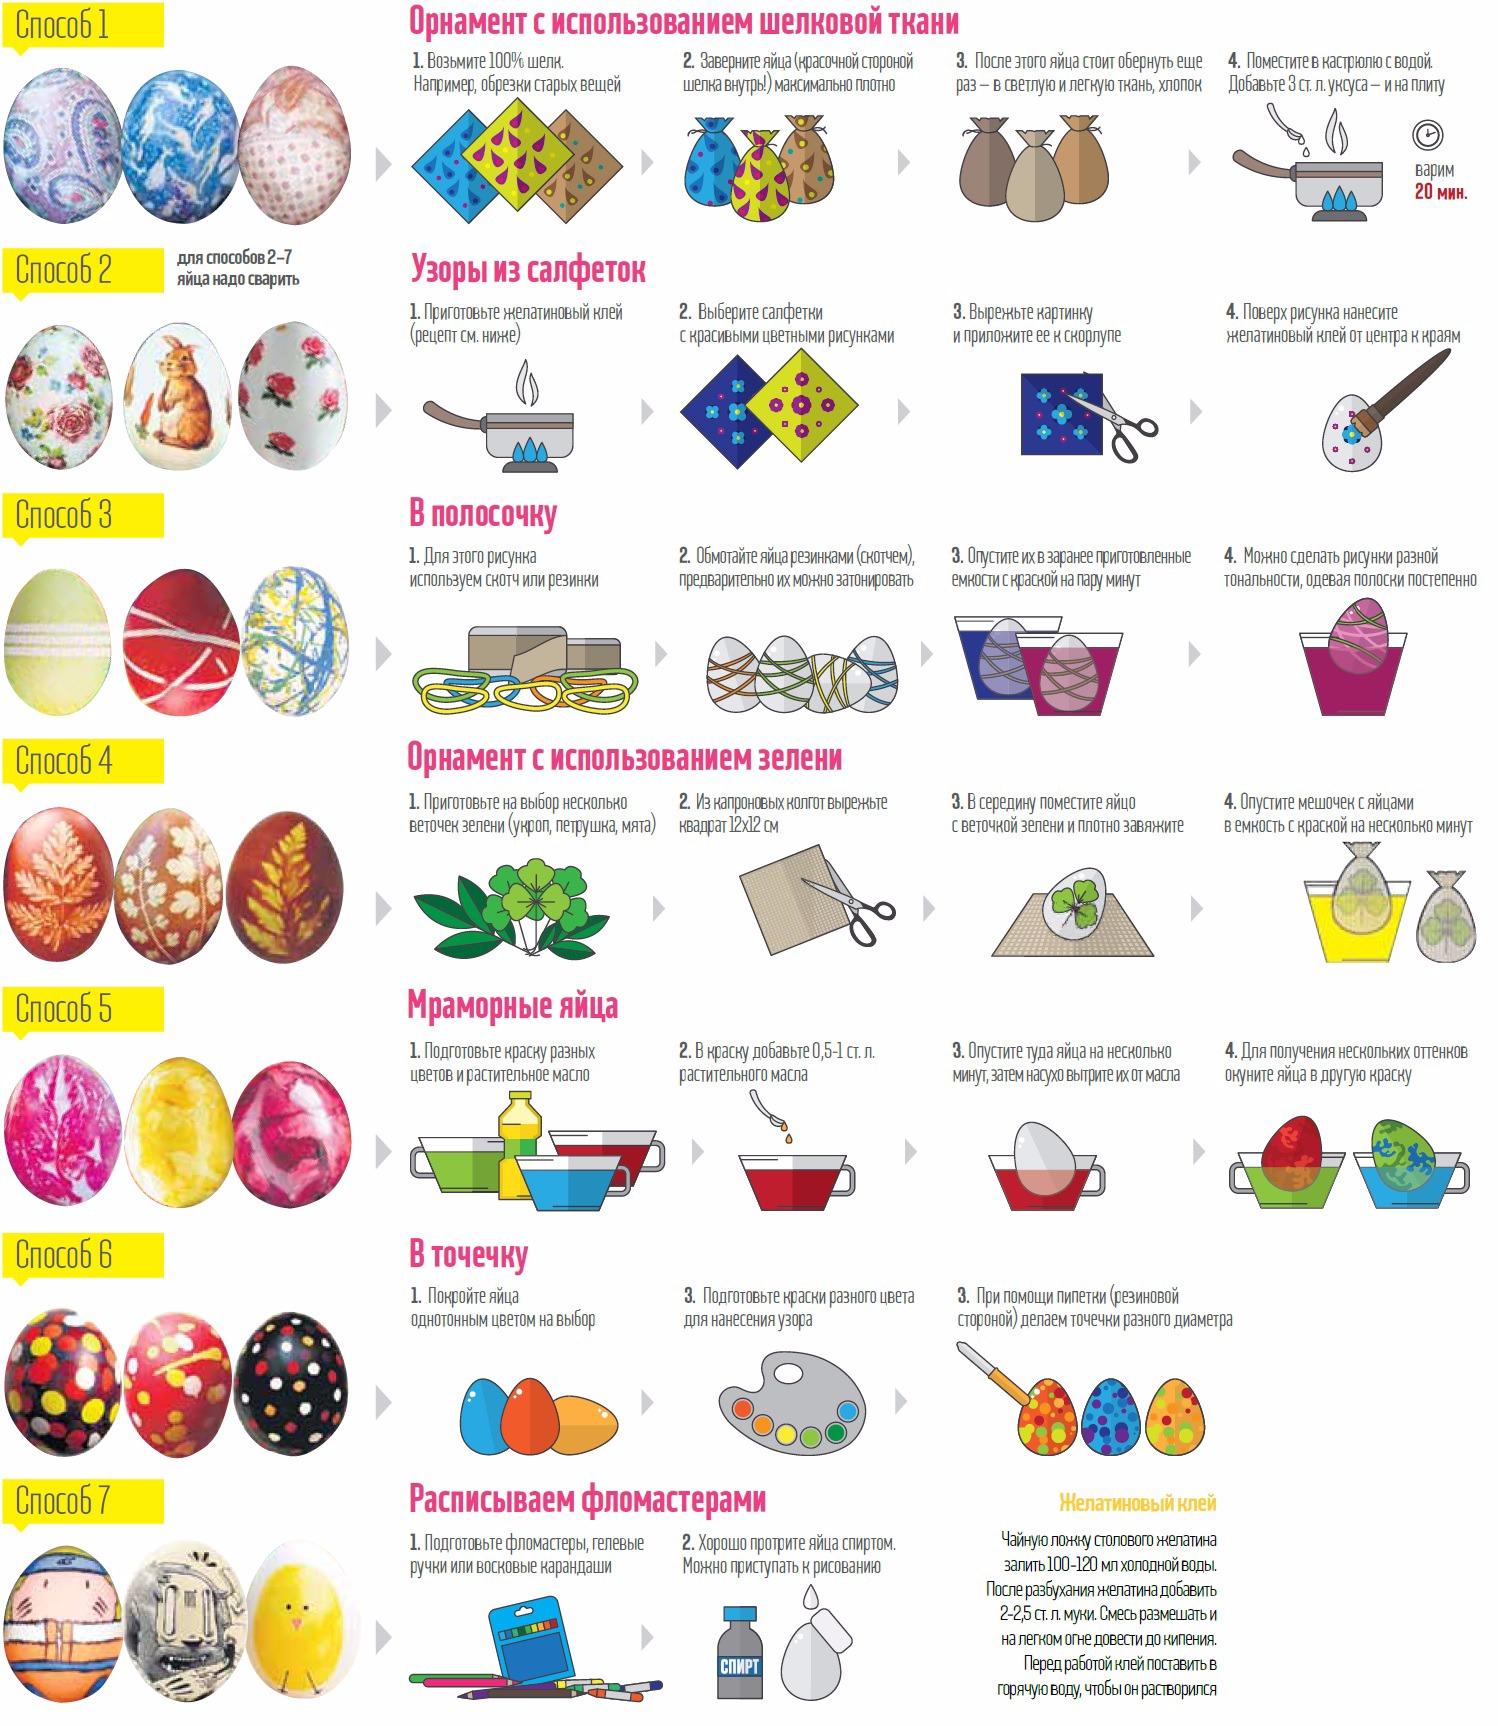 Красим пасхальные яйца без химии! Натуральные красители